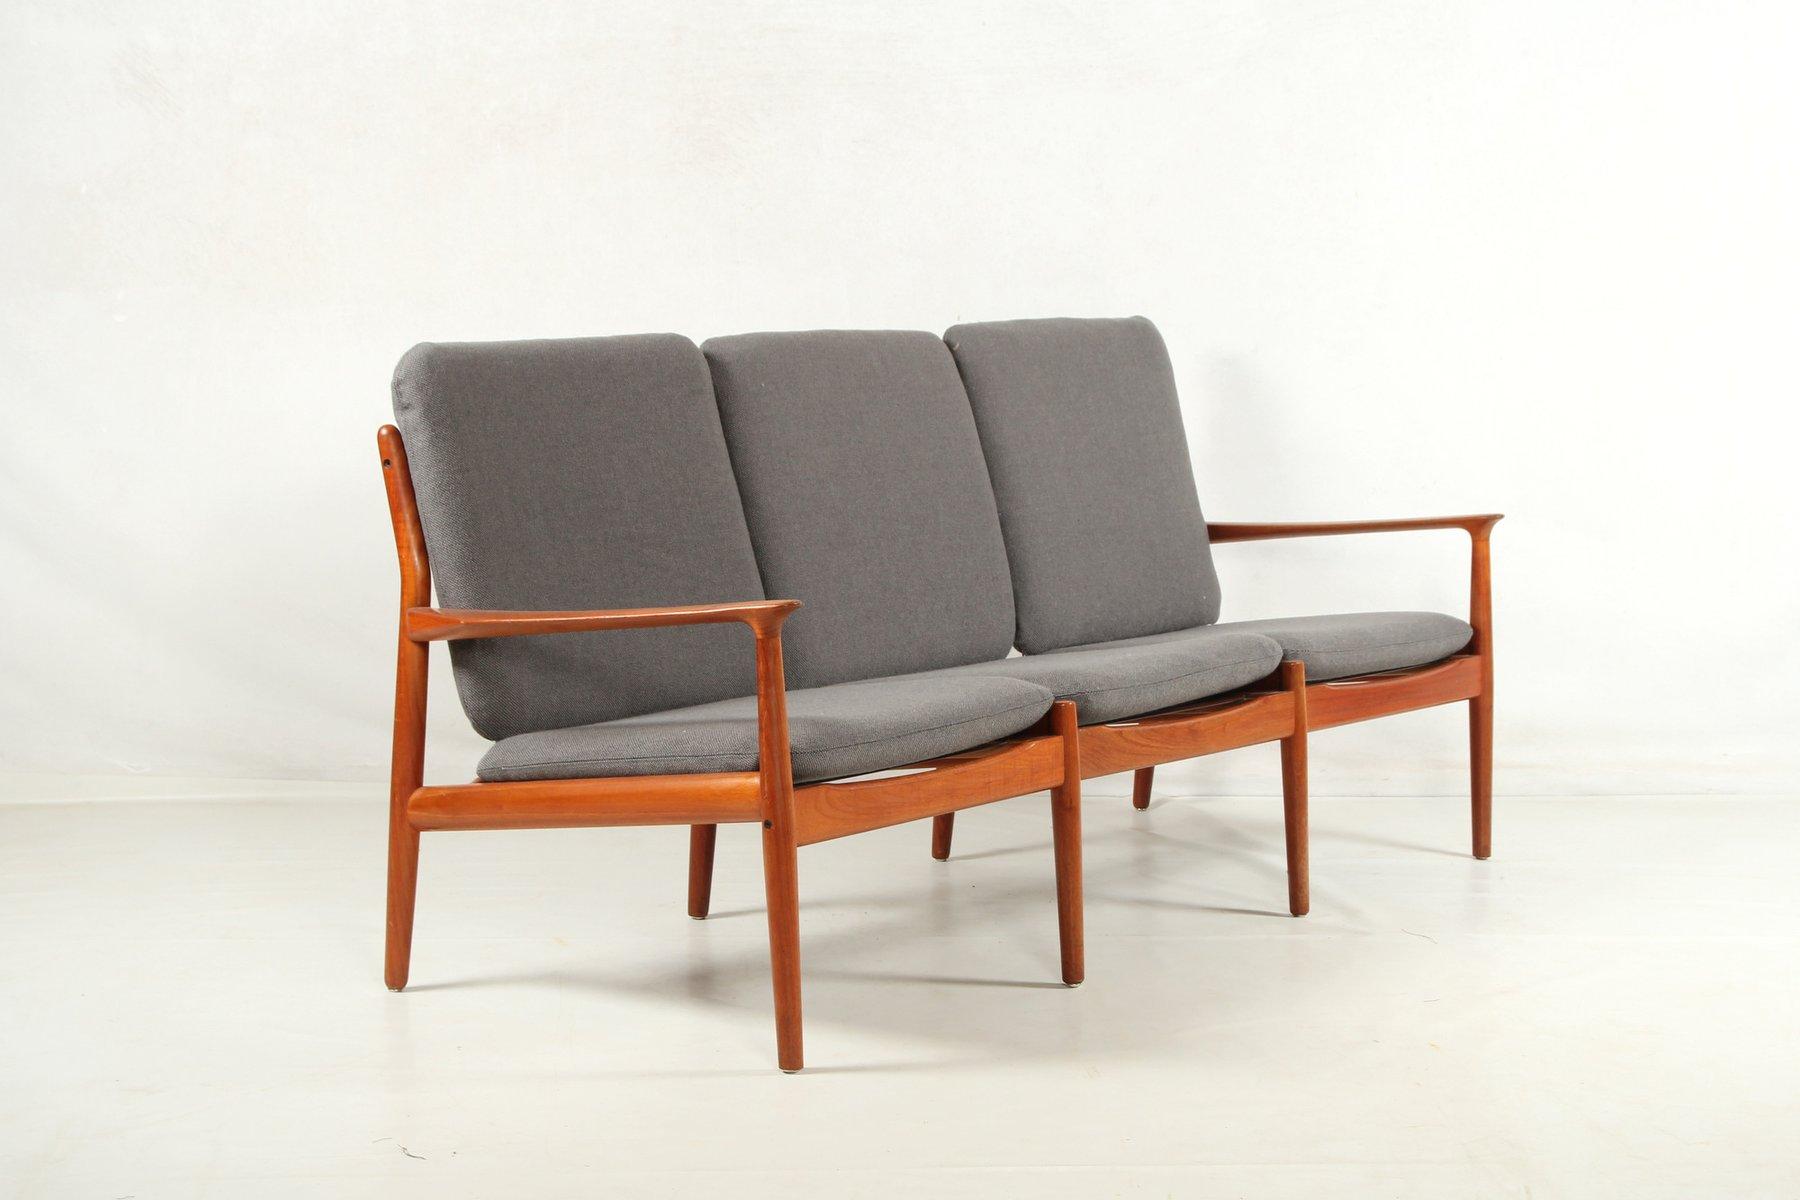 vintage teak sofa by grete jalk for glostrup for sale at. Black Bedroom Furniture Sets. Home Design Ideas